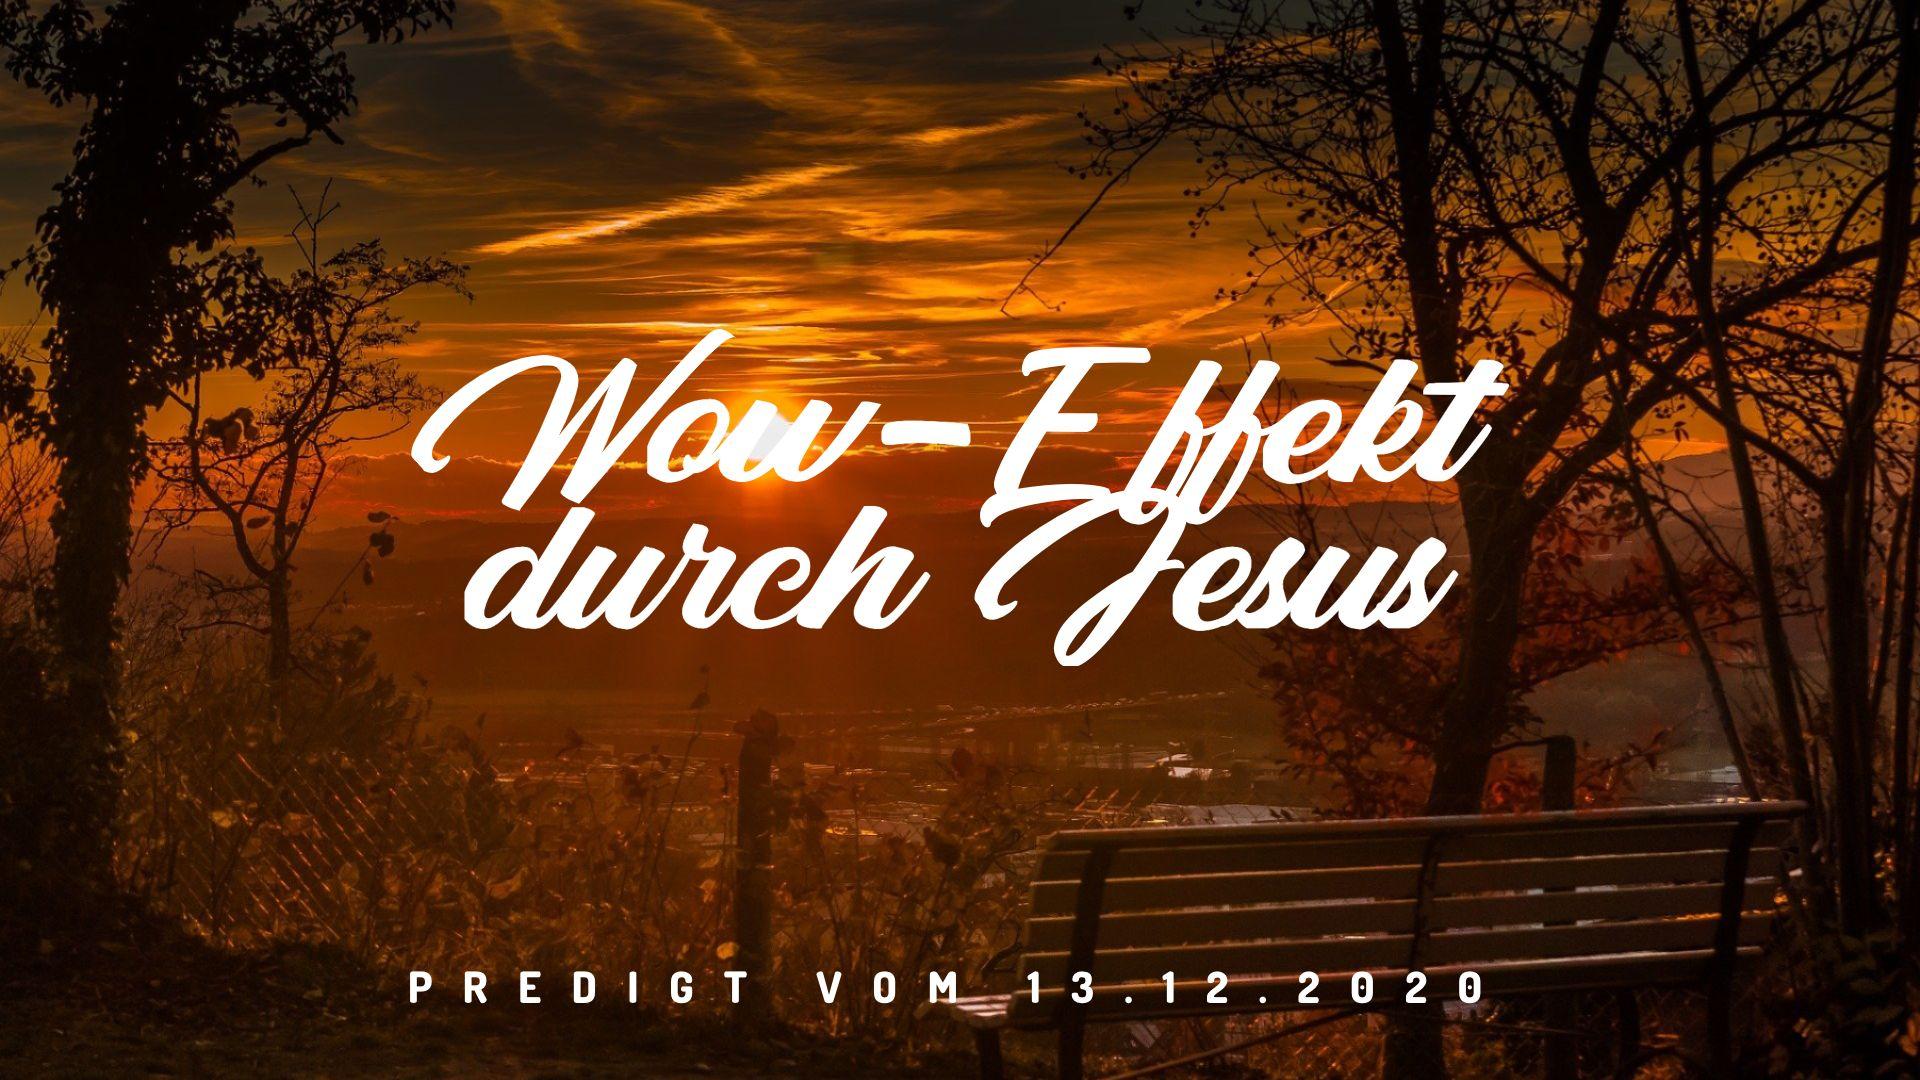 Wow-Effekt durch Jesus. Predigt vom 13.12.2020